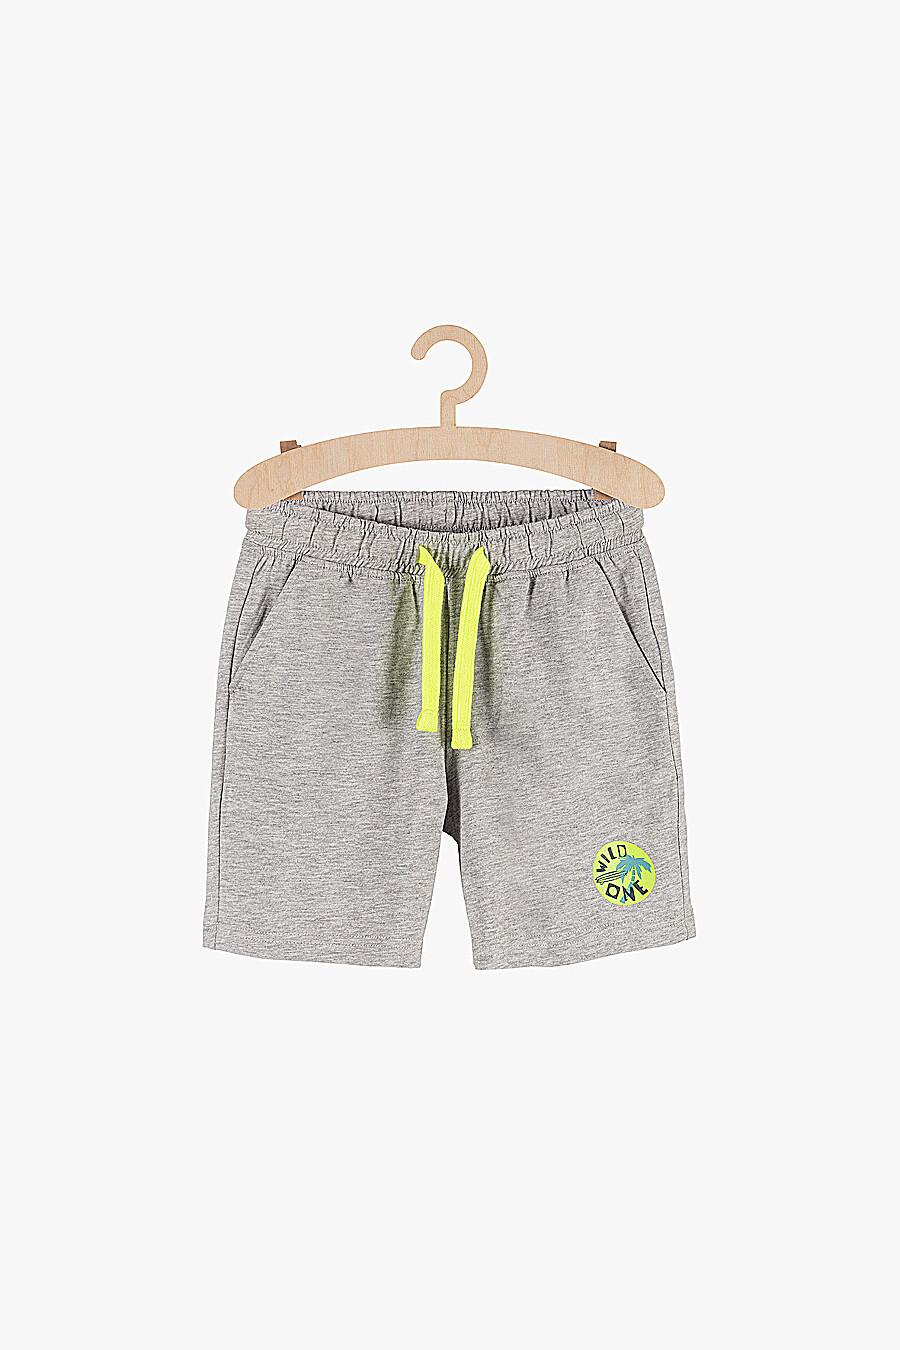 Шорты для мальчиков 5.10.15 218371 купить оптом от производителя. Совместная покупка детской одежды в OptMoyo